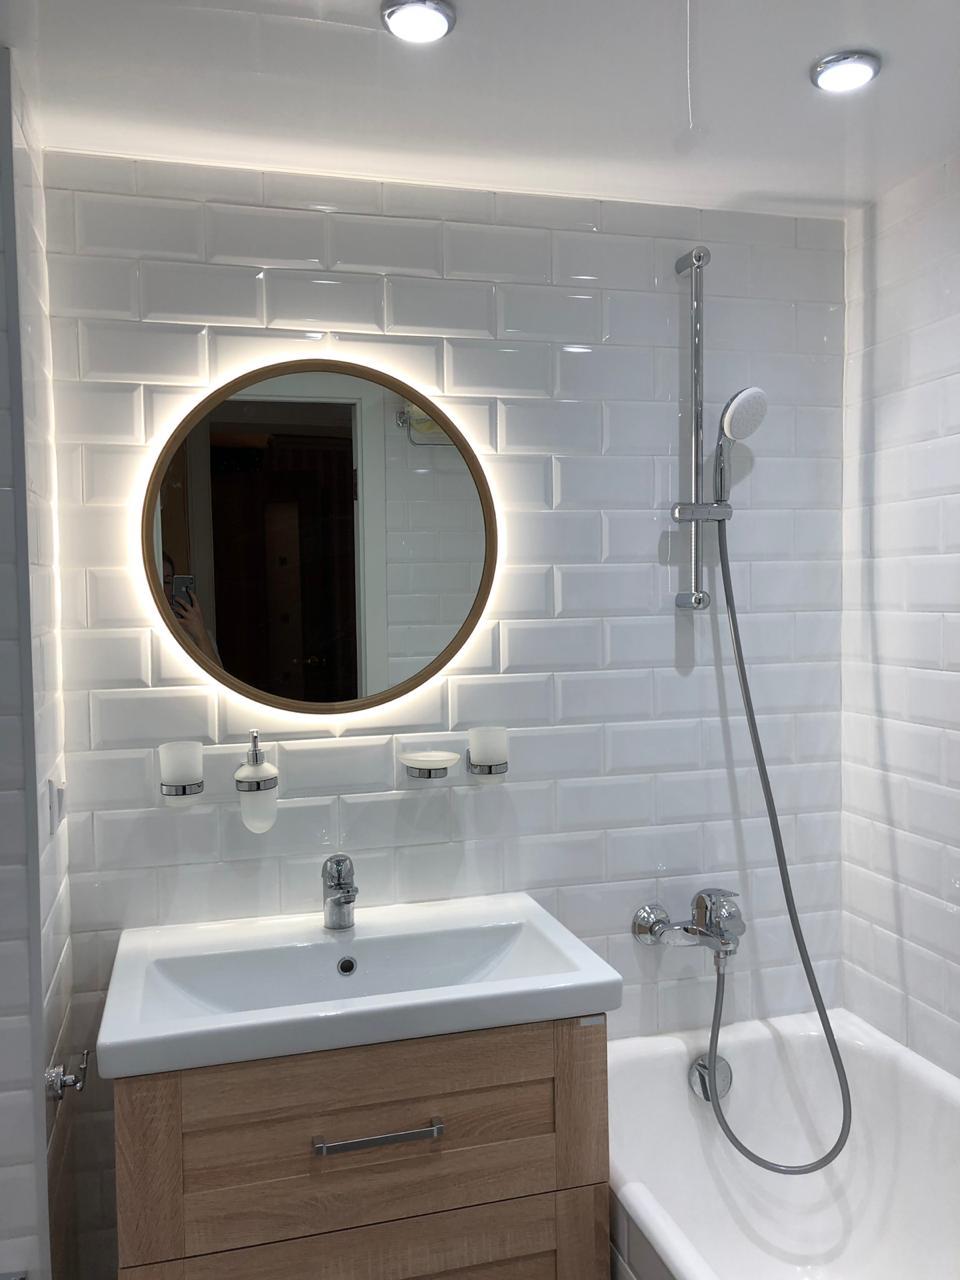 полотенцесушитель в ванную комнату купить